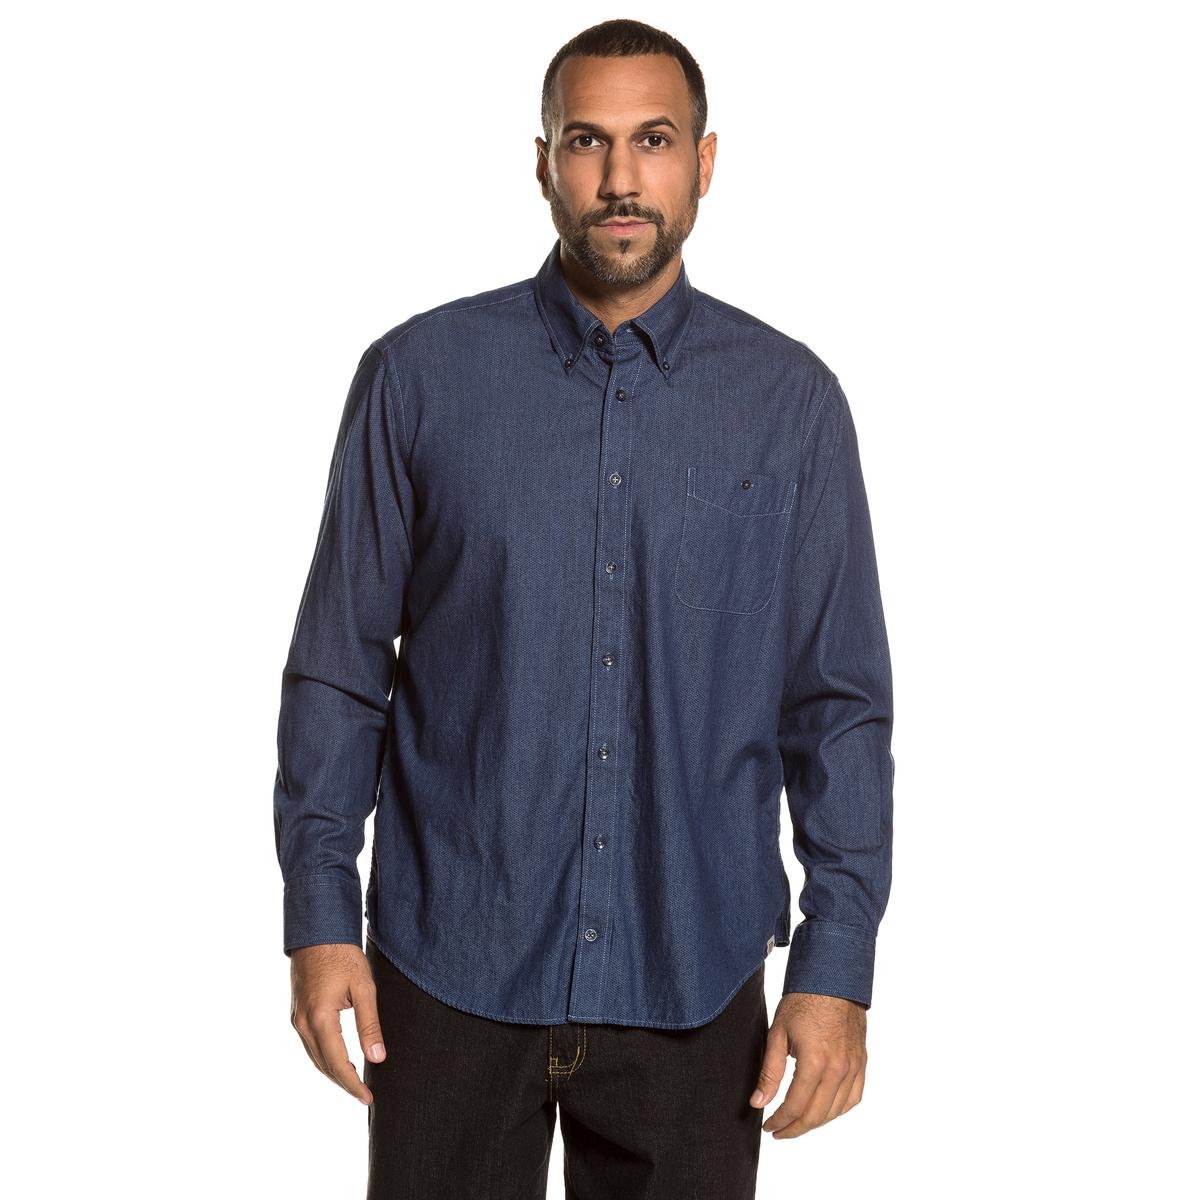 Рубашка однотонная с длинными рукавамиОписание:Детали •  Длинные рукава •  Прямой покрой  •  Классический воротникСостав и уход •  100% хлопок •  Следуйте советам по уходу, указанным на этикеткеТовар из коллекции больших размеров<br><br>Цвет: выбеленный<br>Размер: 3XL